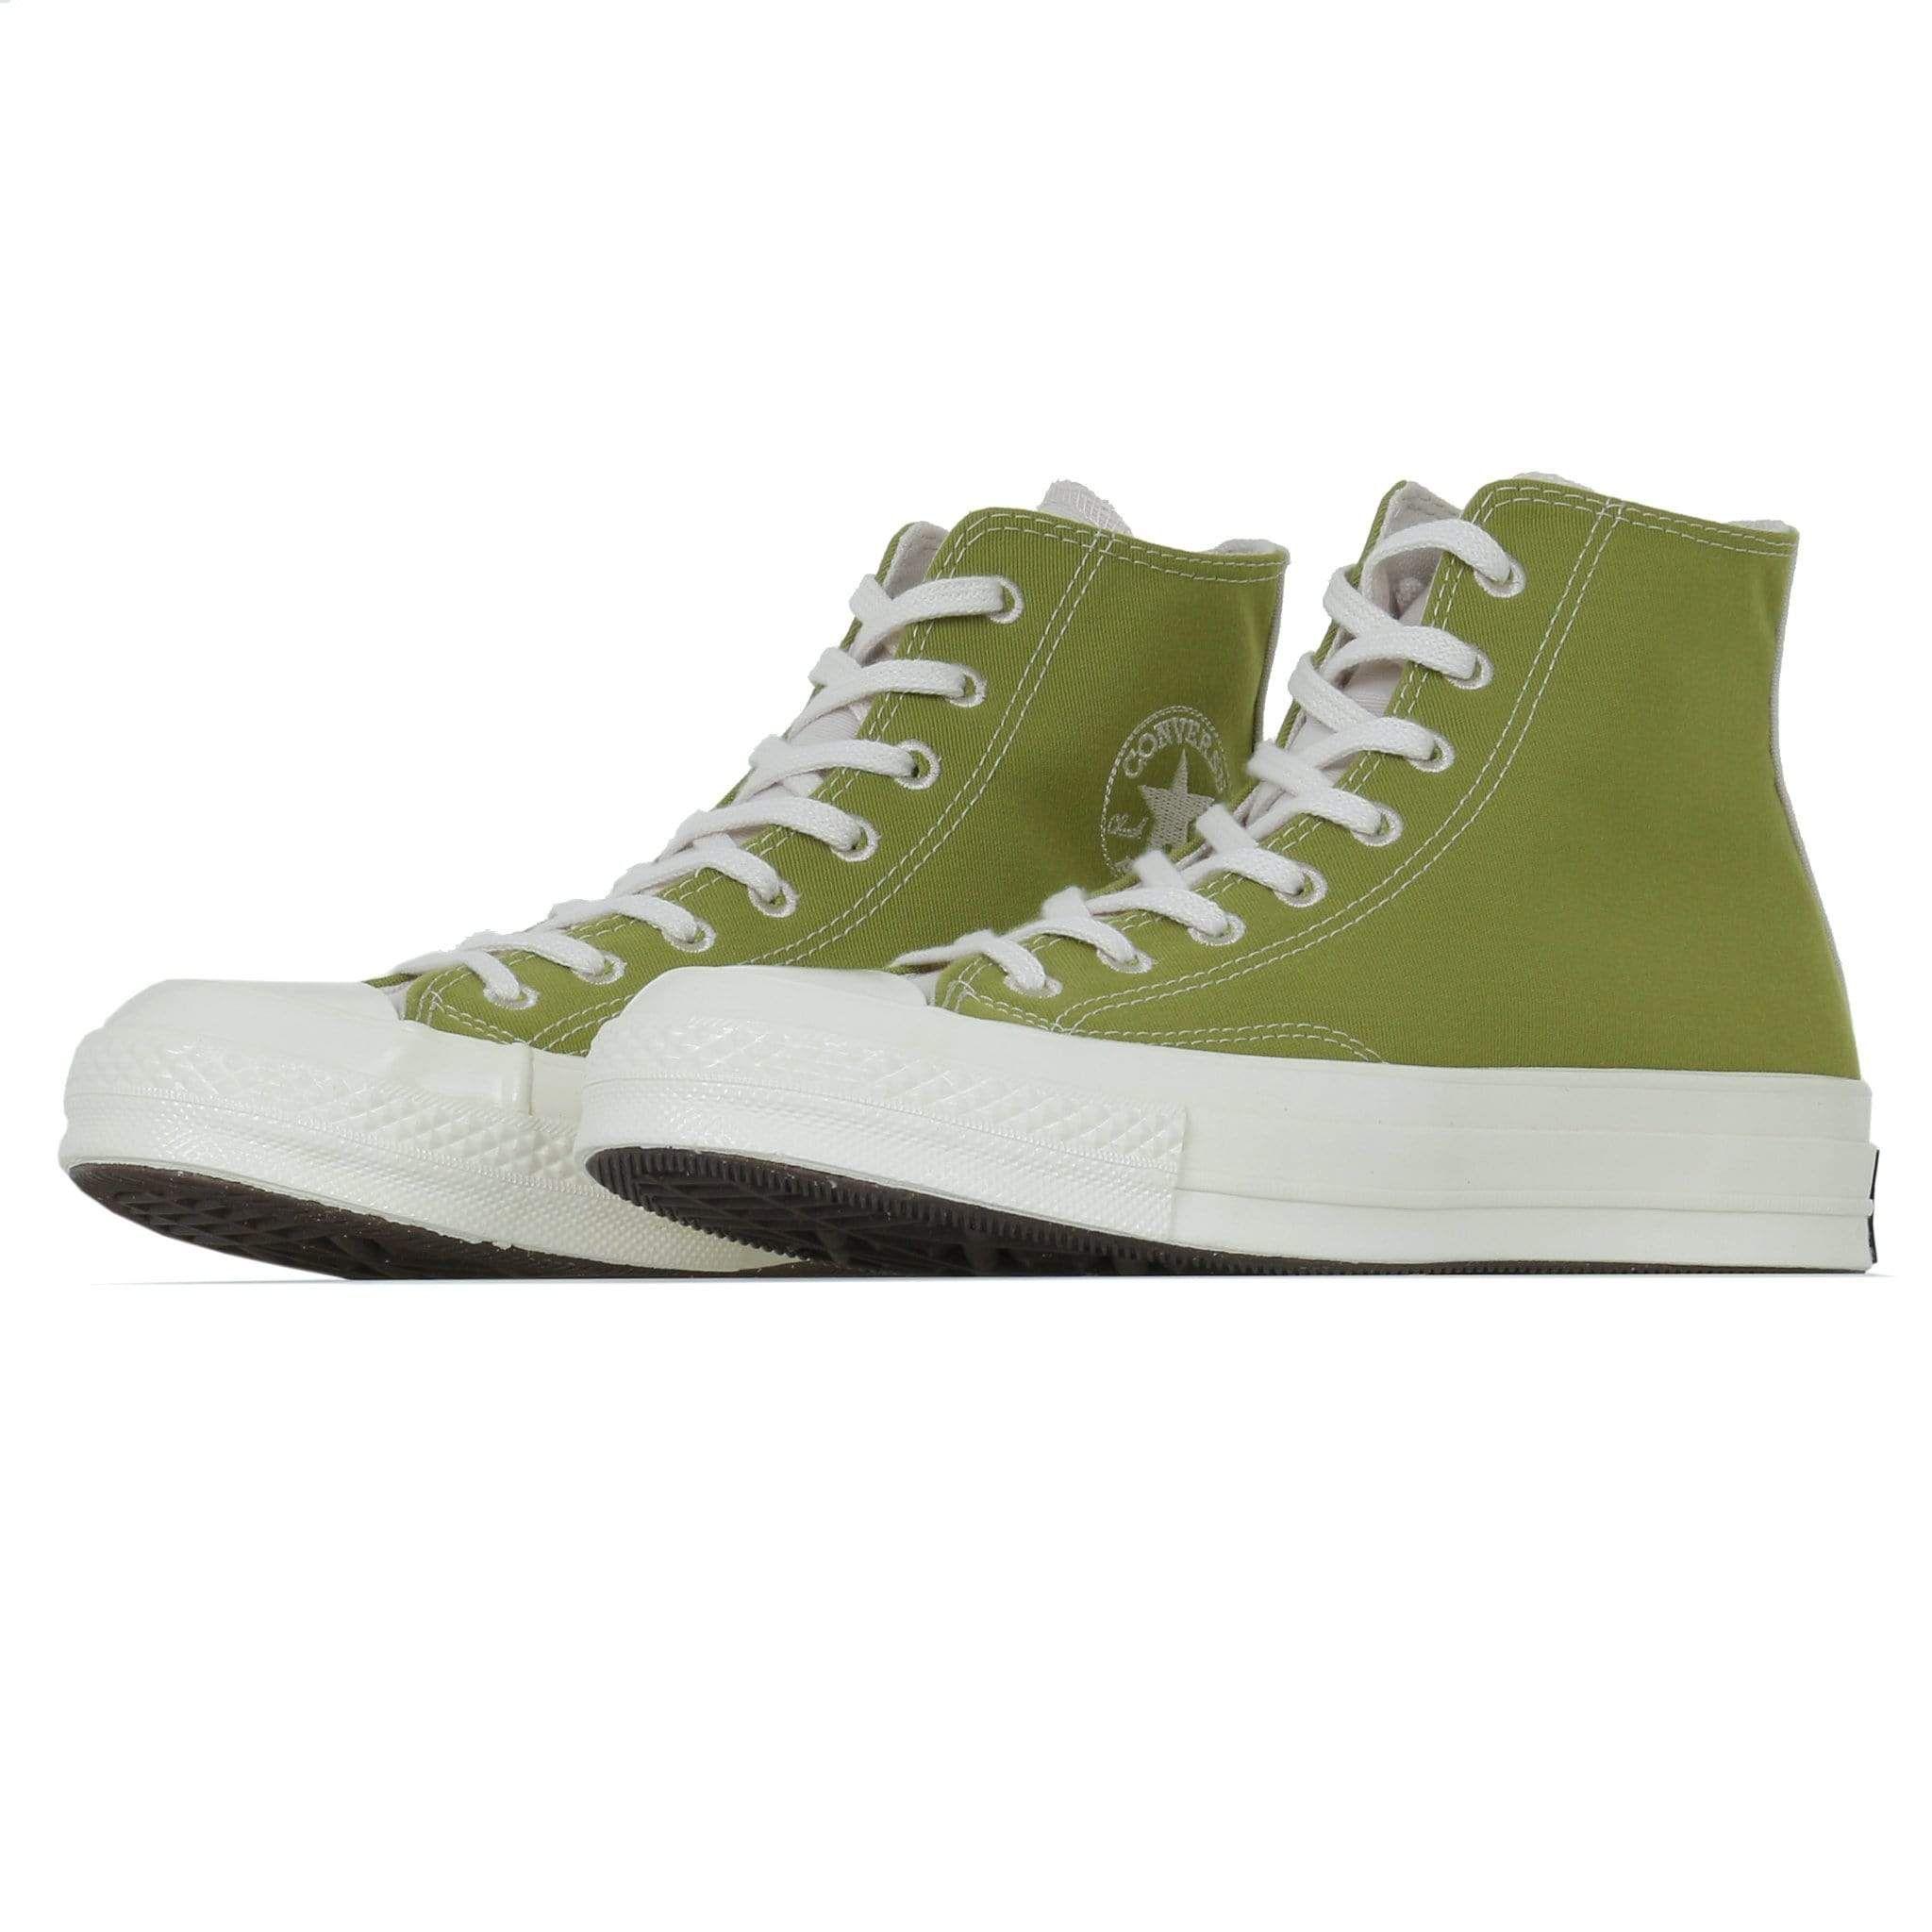 Converse official website flagship men's shoes women's shoes